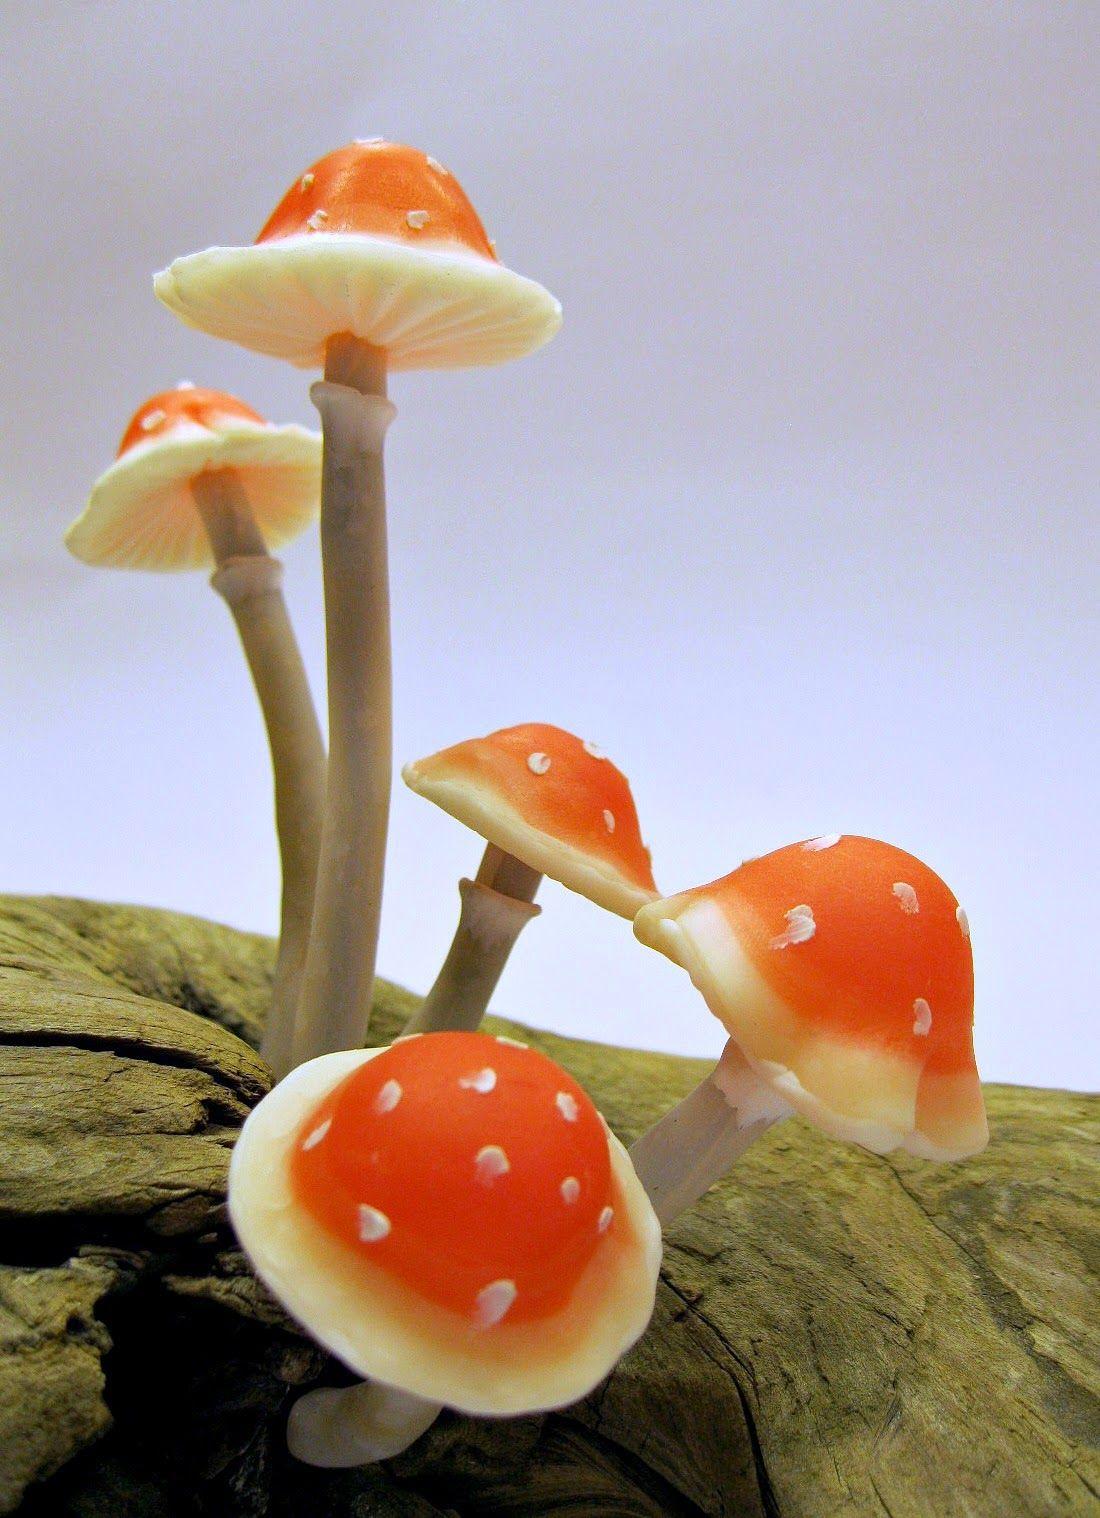 ...Make It With Me: Glowing Mushroom Mood Light Full Tutorial